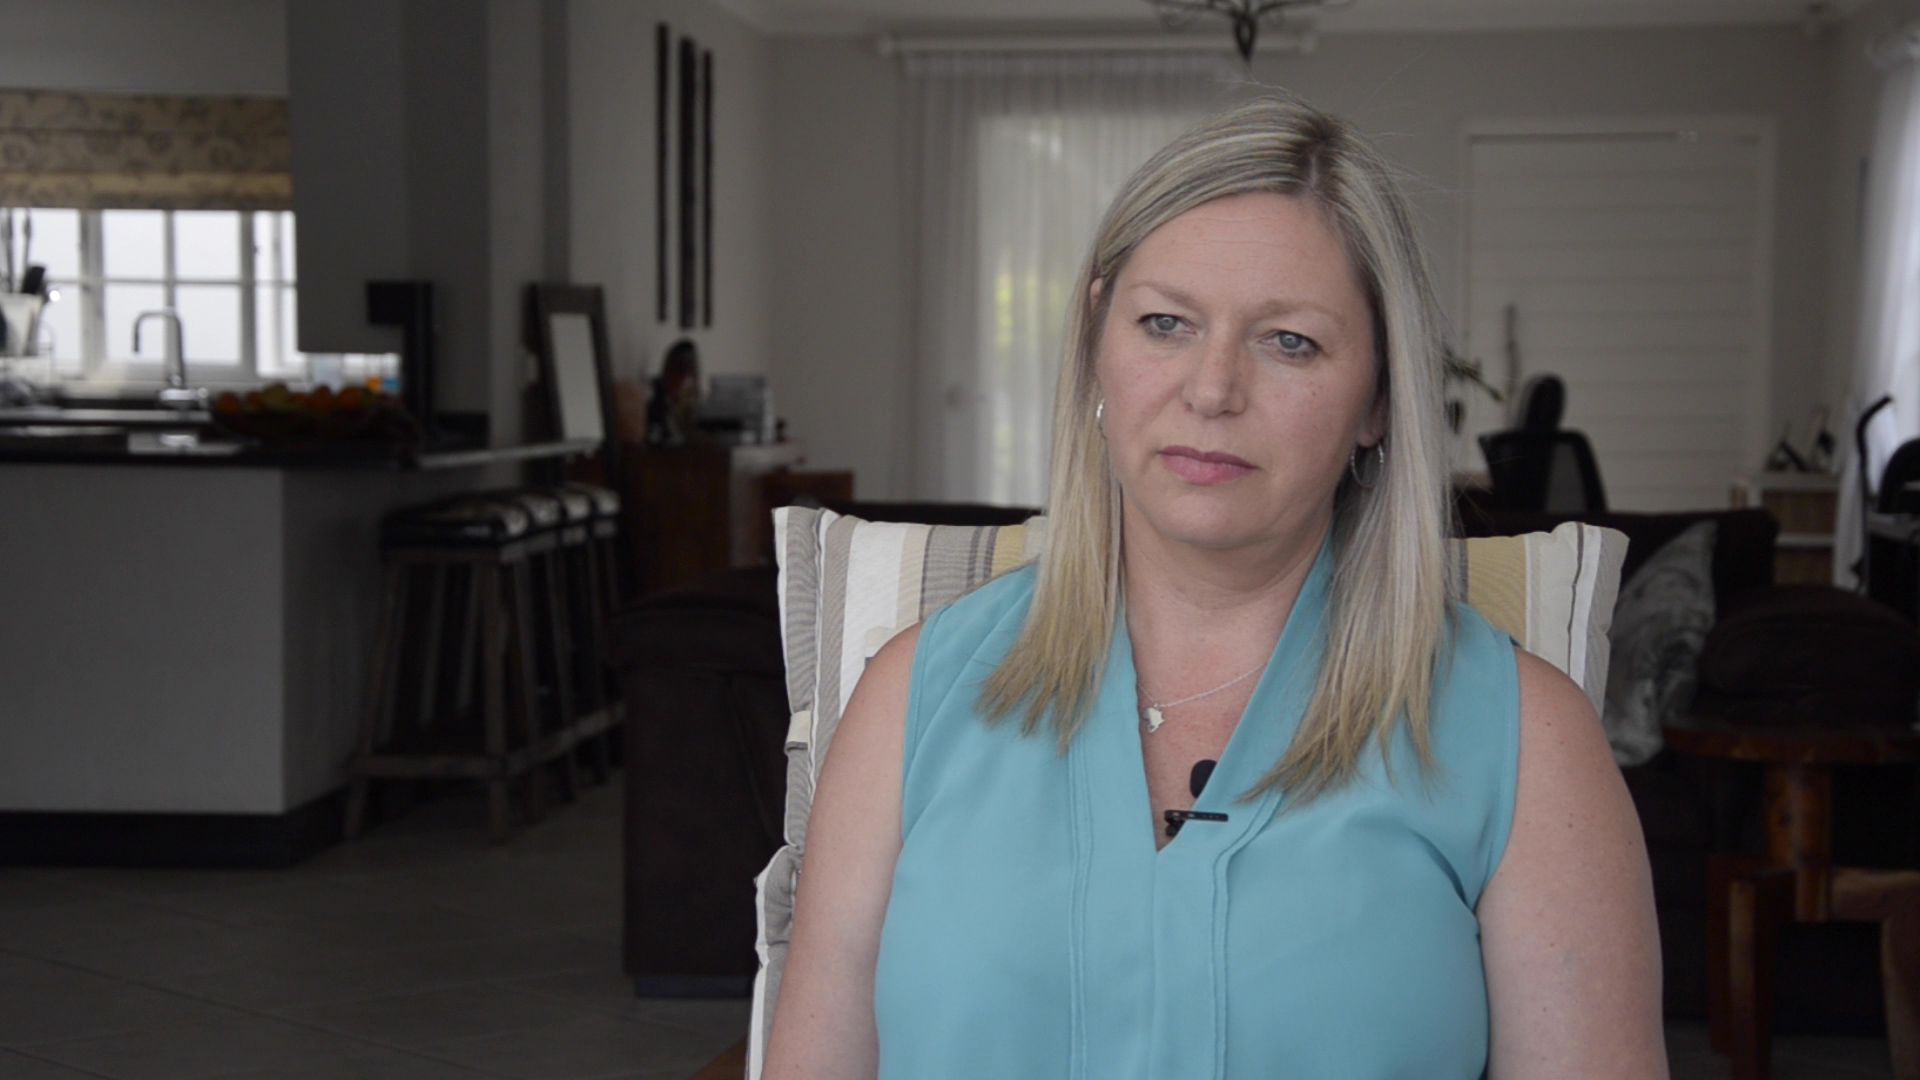 绑架案幸存者曼迪·皮耶那在她位于南非约翰内斯堡佛维斯的家中,2019年9月30日。汤森路透基金会Kim Harrisberg摄。